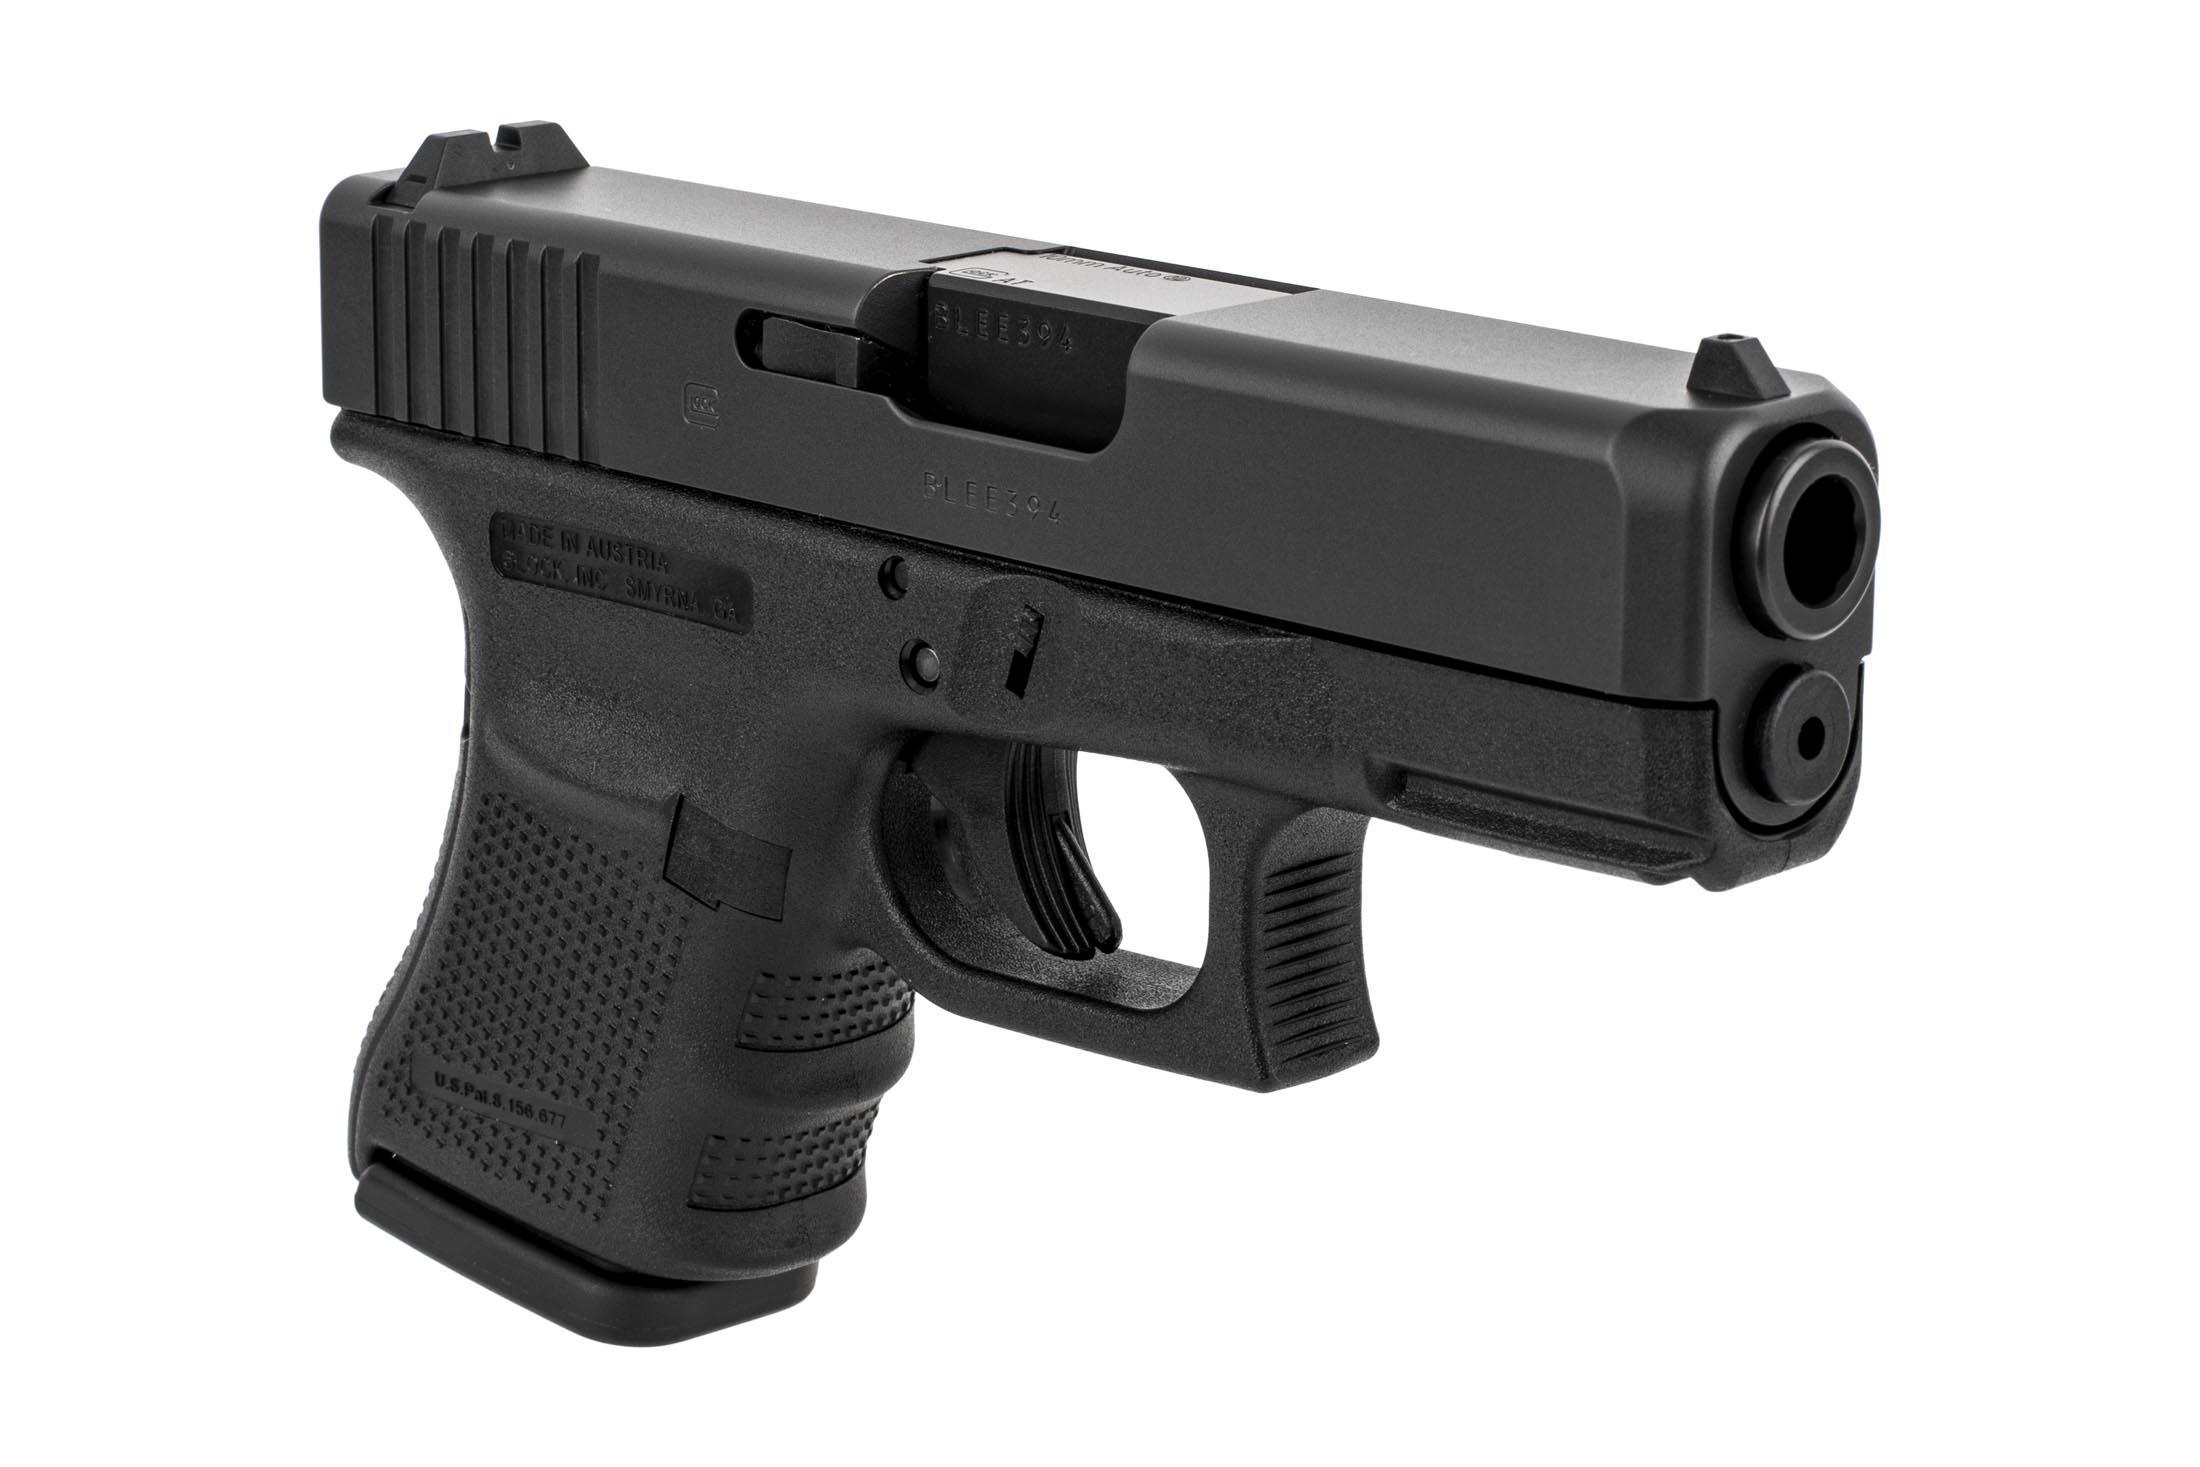 Glock G29 Gen4 10mm Sub Compact 10-Round Polymer Frame Handgun - 3 78